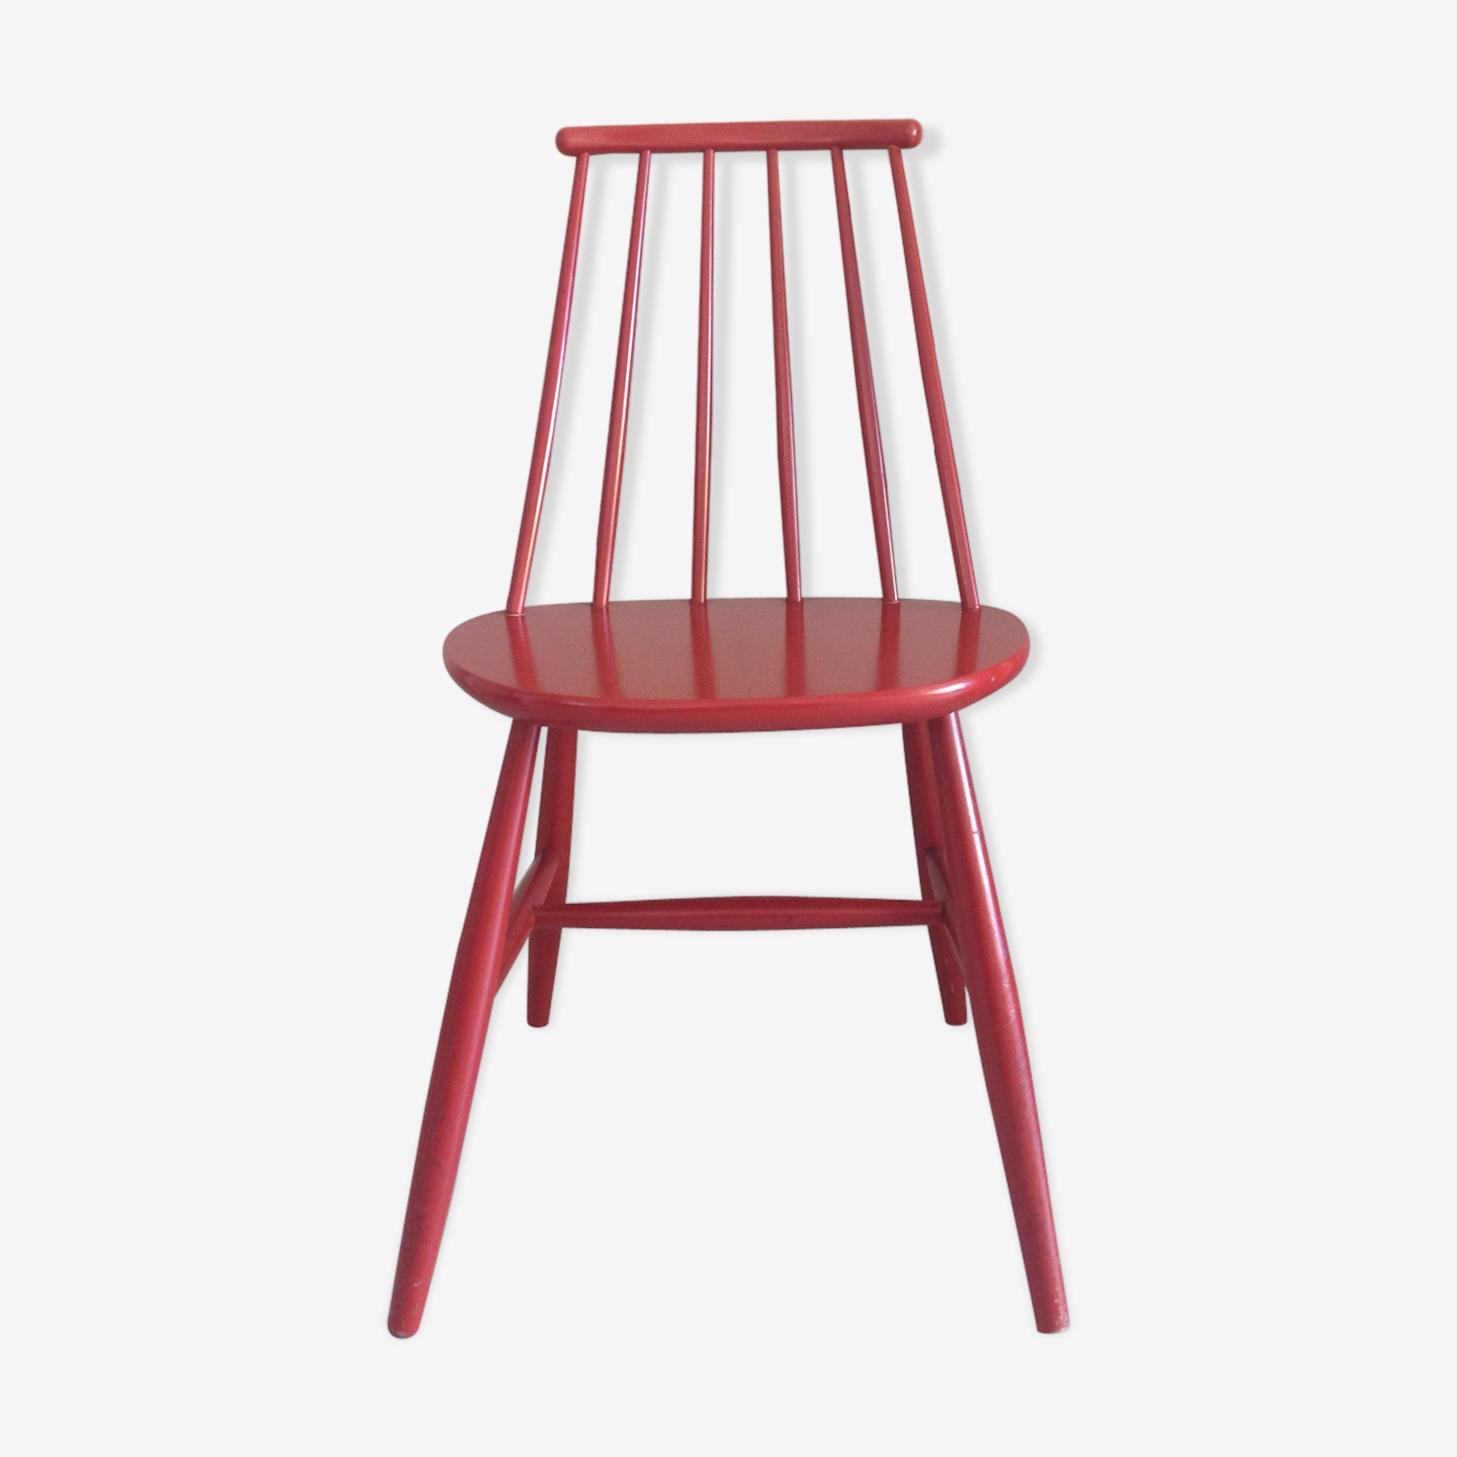 Wooden chair  scandinavian style